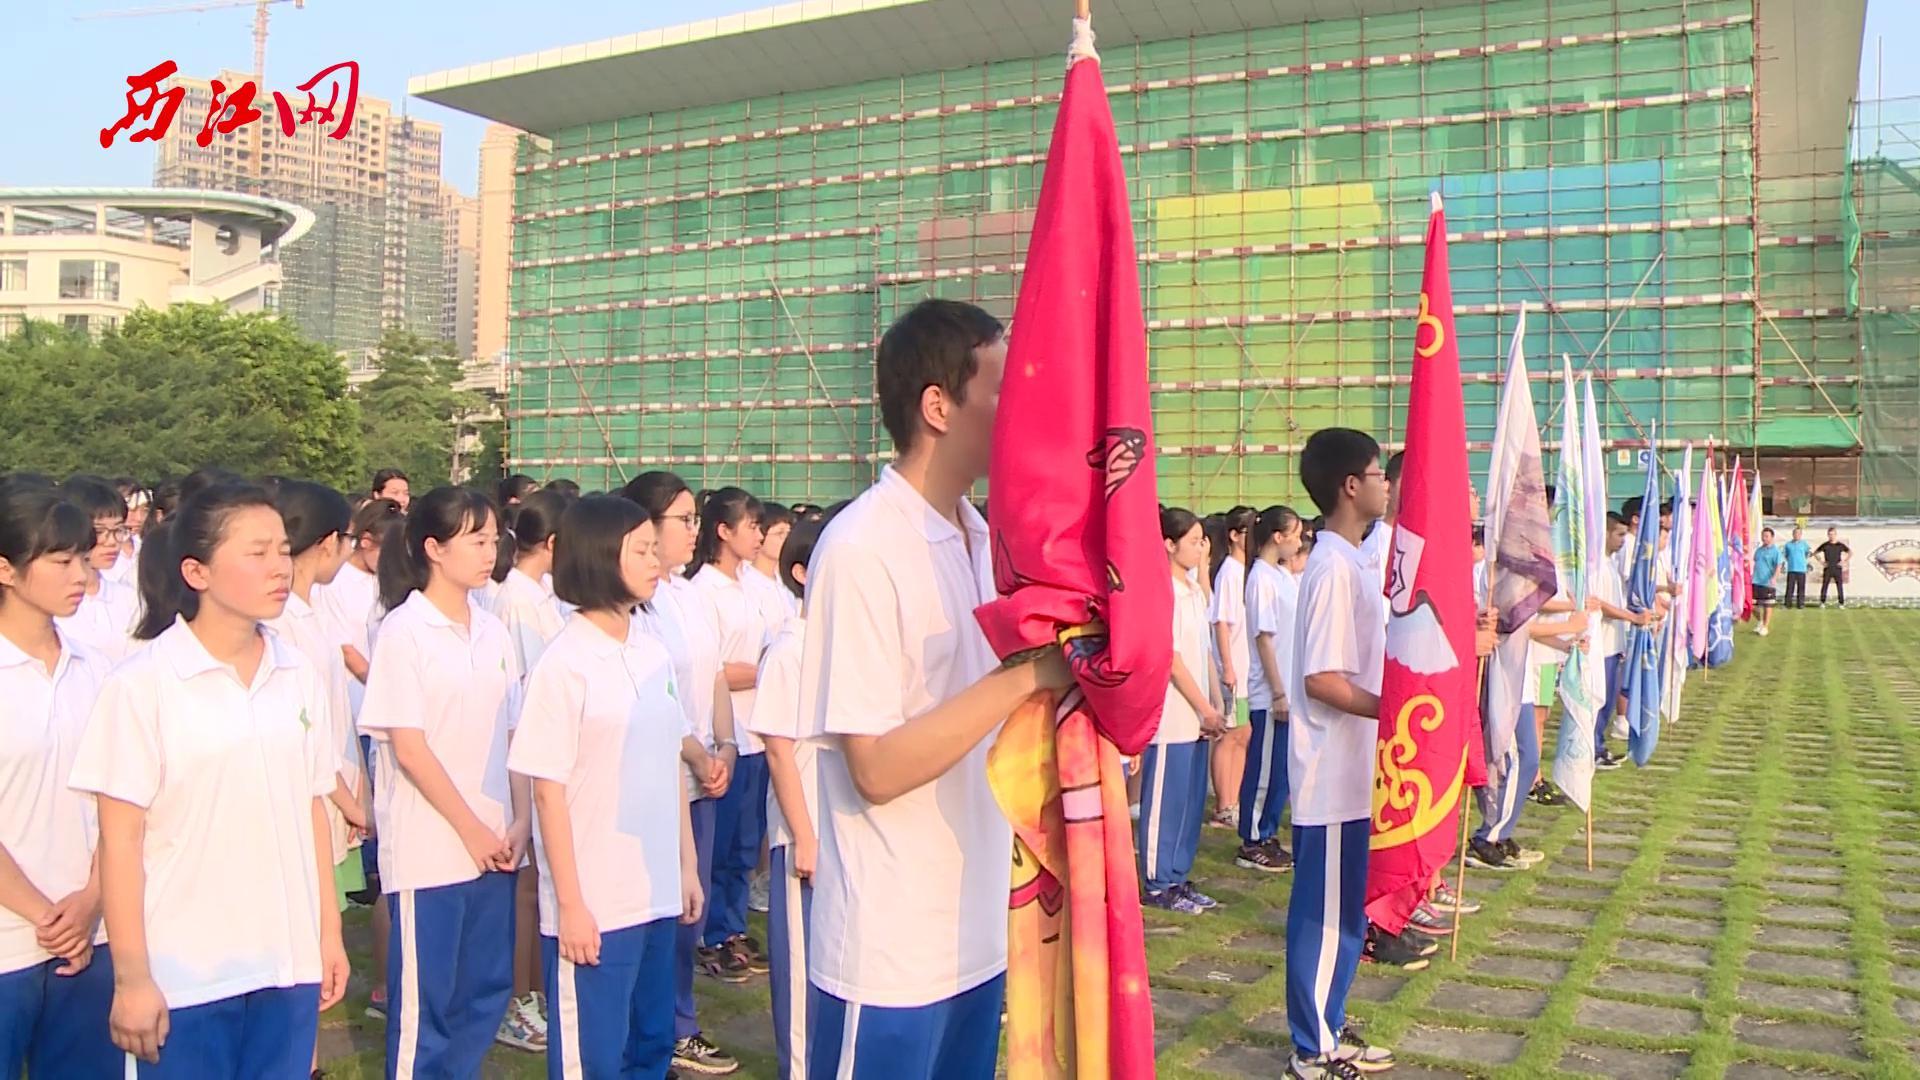 广东肇庆中学举办高中部开学典礼千名学子迎来新起点